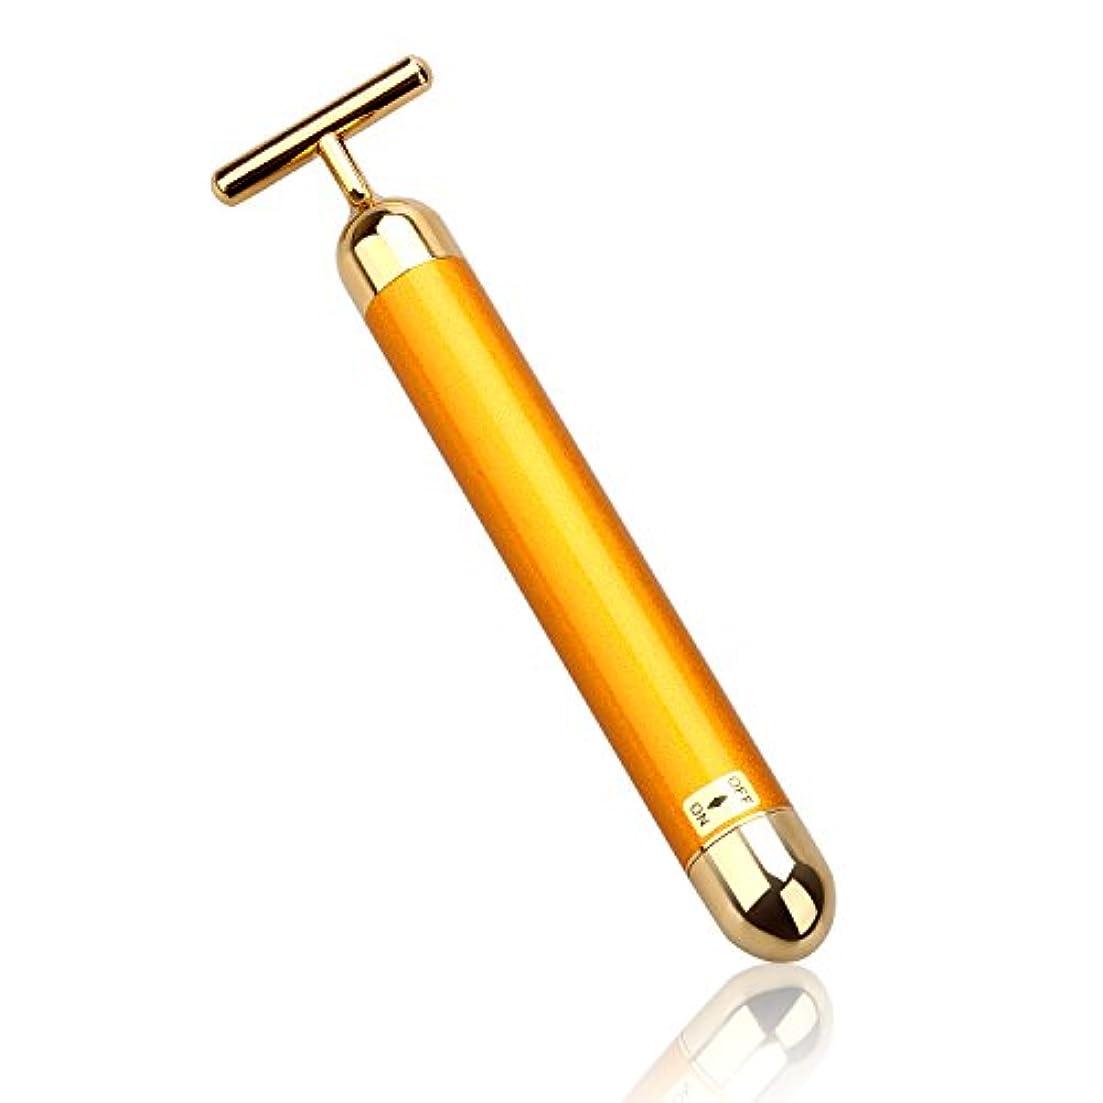 初期のブルコントローラLEVIN 電動美顔器 ビューティーバー フェイスパー 電動美顔器 美肌 防水 ゴールド